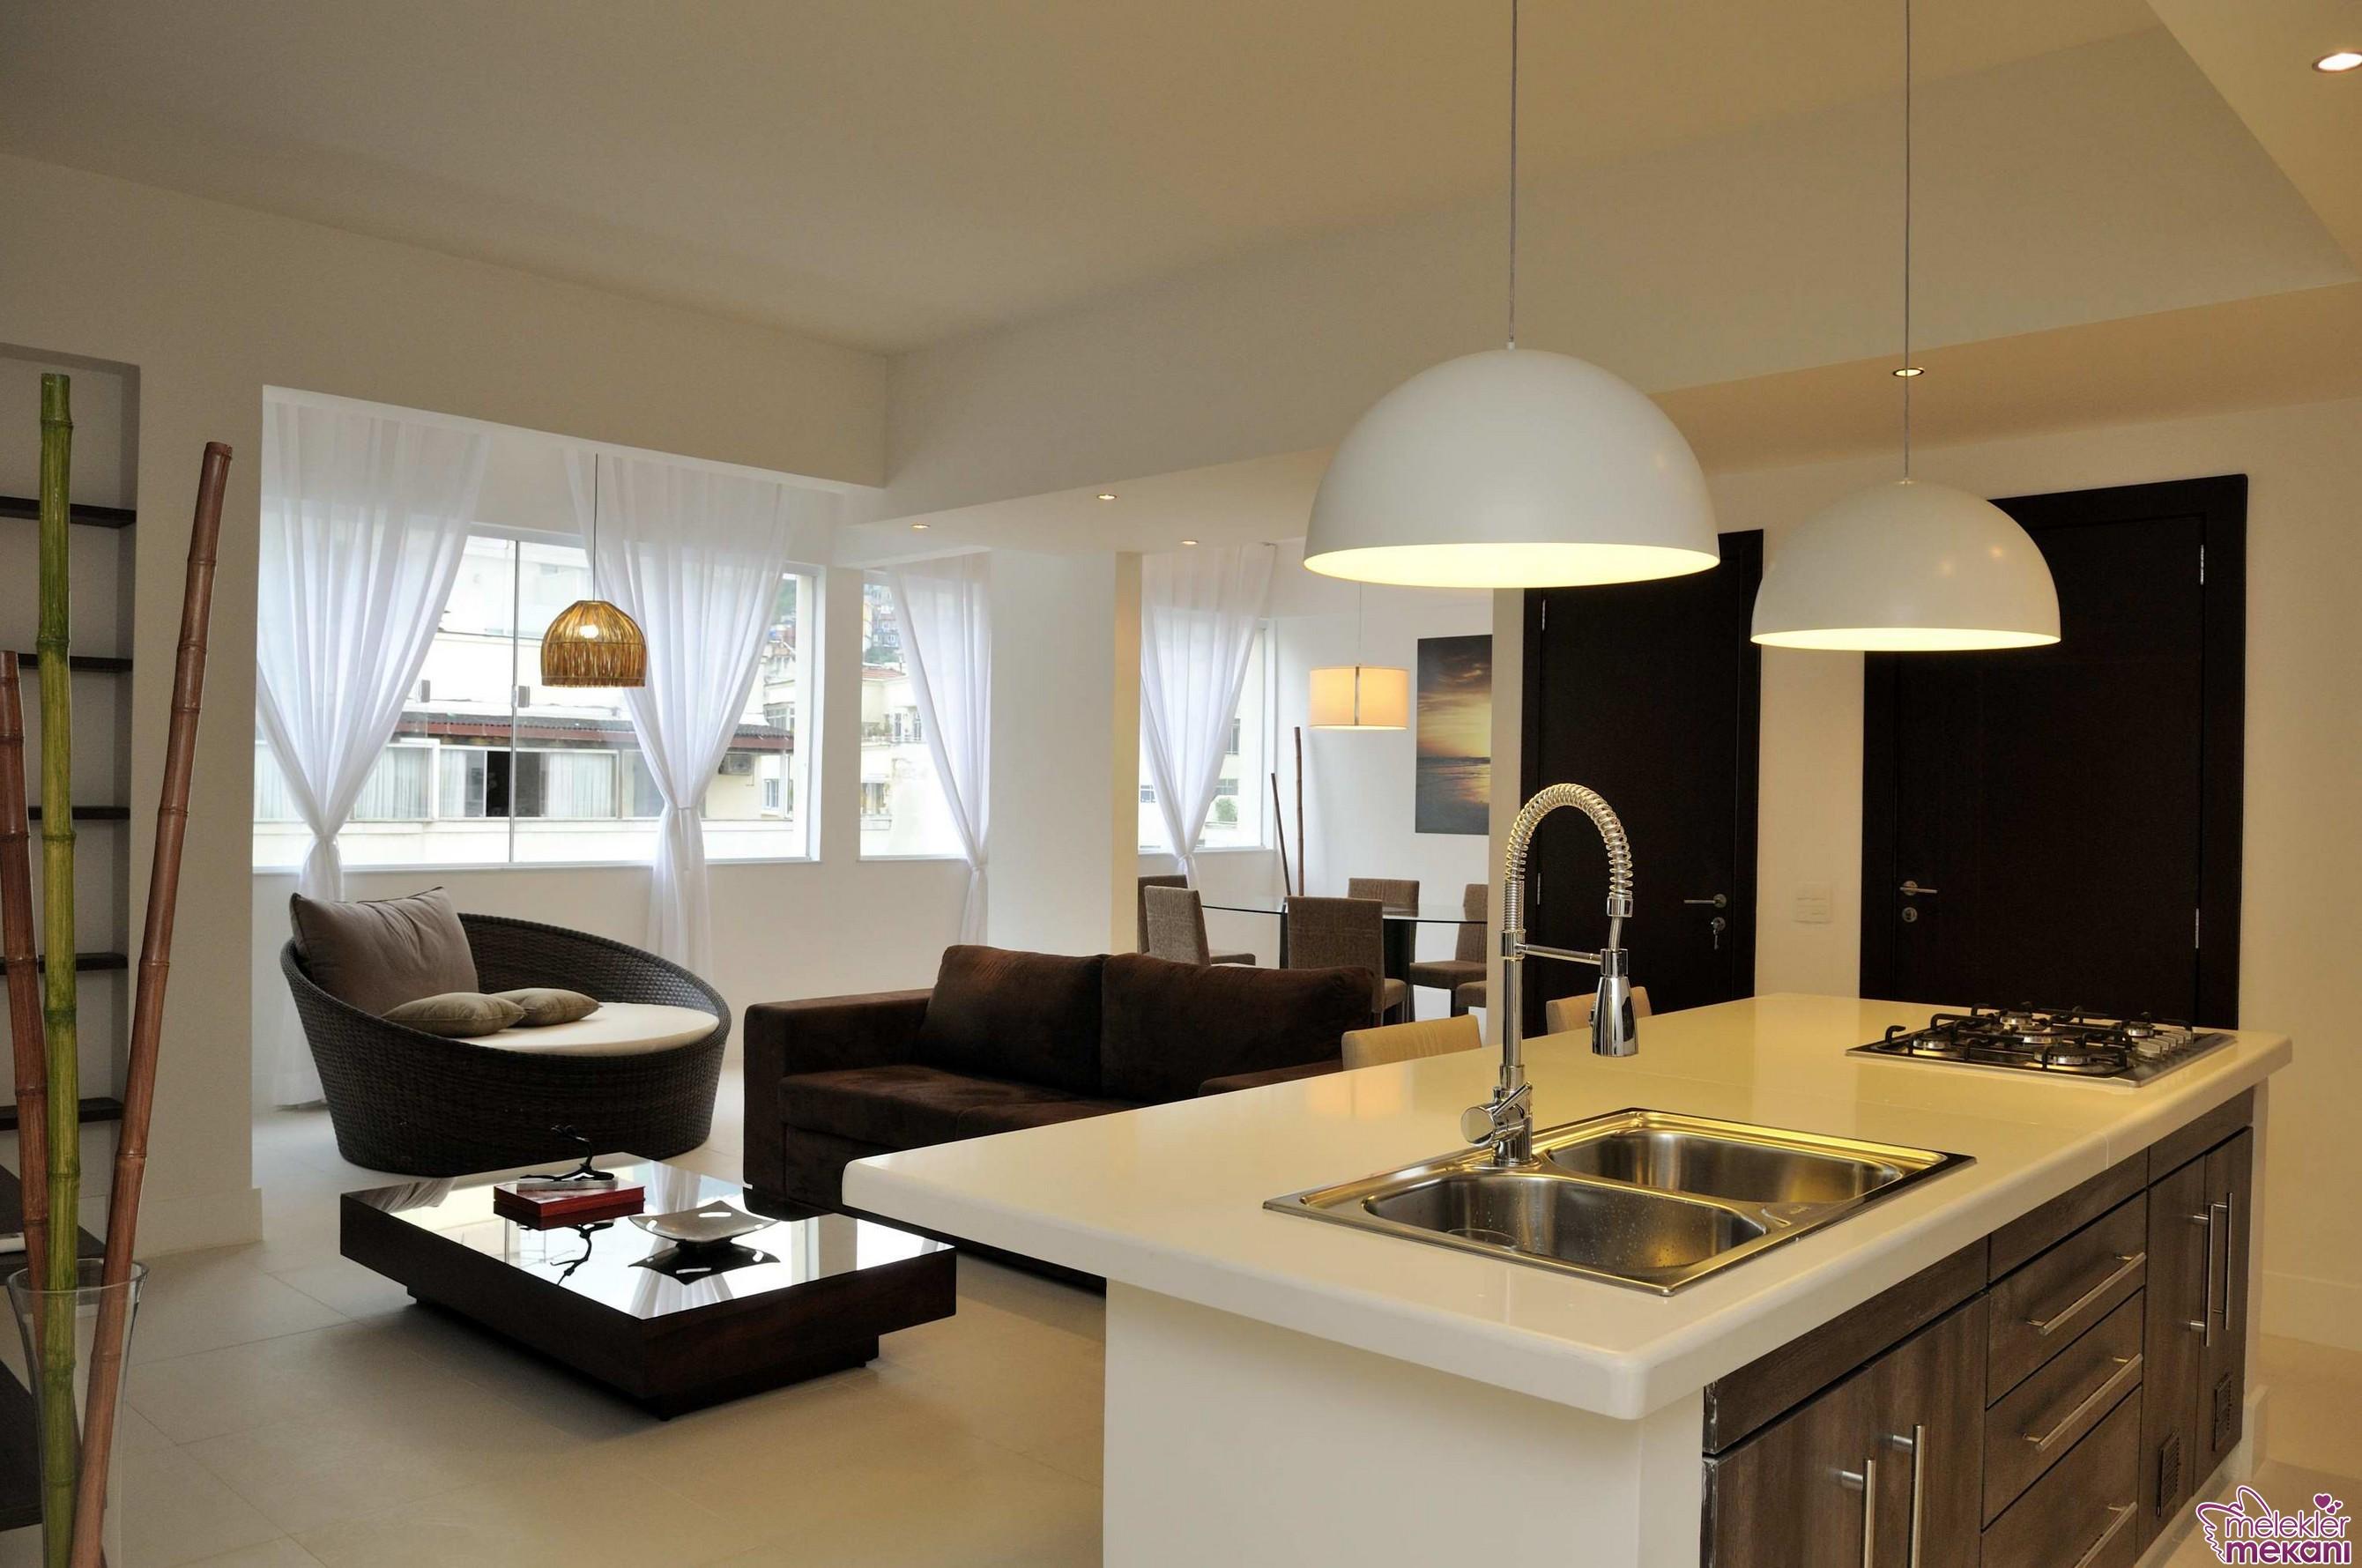 Yeni sezon mutfak aydınlatmaları ile gelen mutfak dekorasyonları ile dekoratifliğe yer açabilirsiniz.